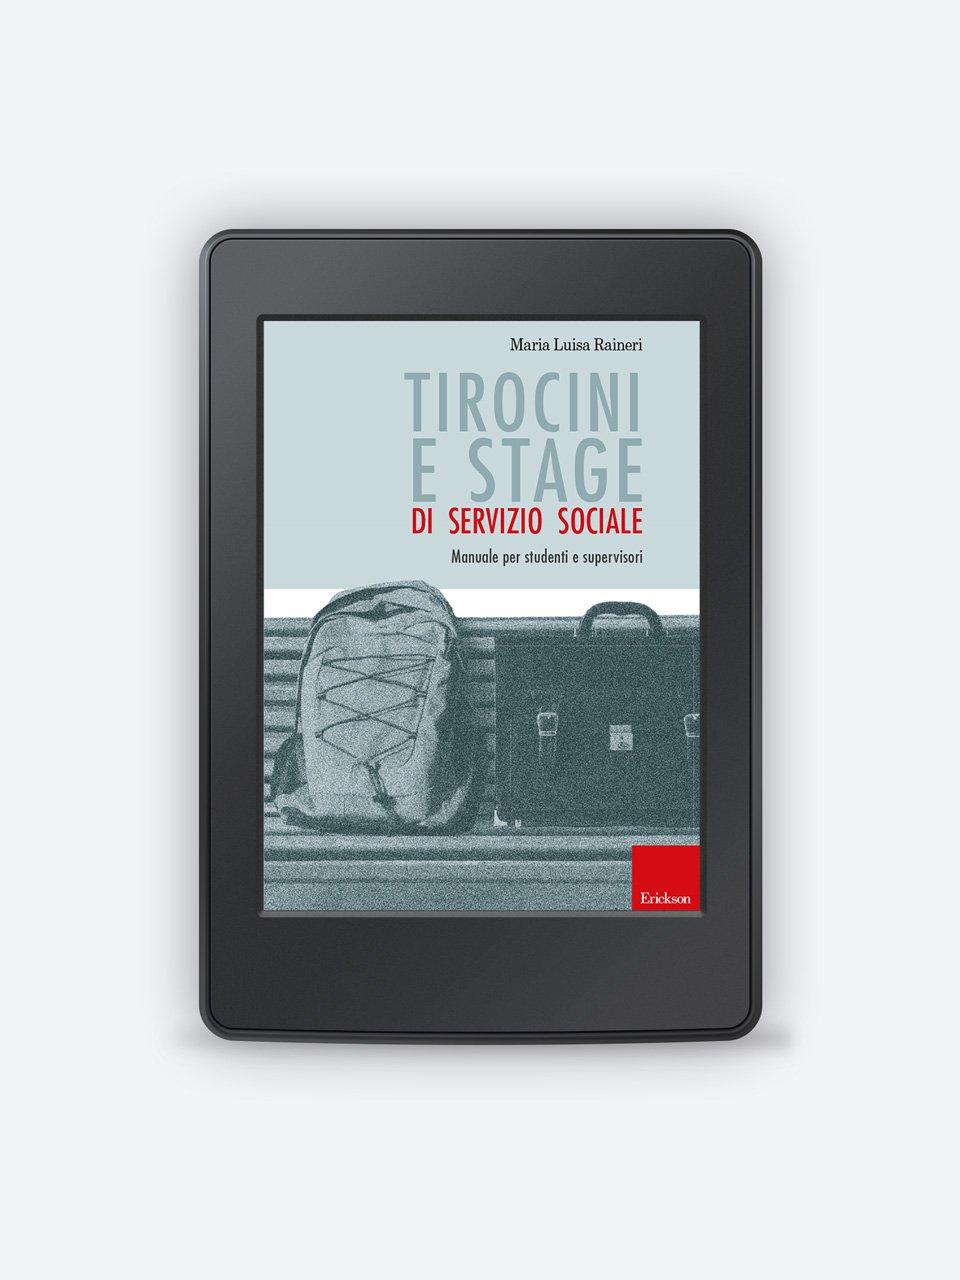 Tirocini e stage di servizio sociale - Libri - Erickson 3